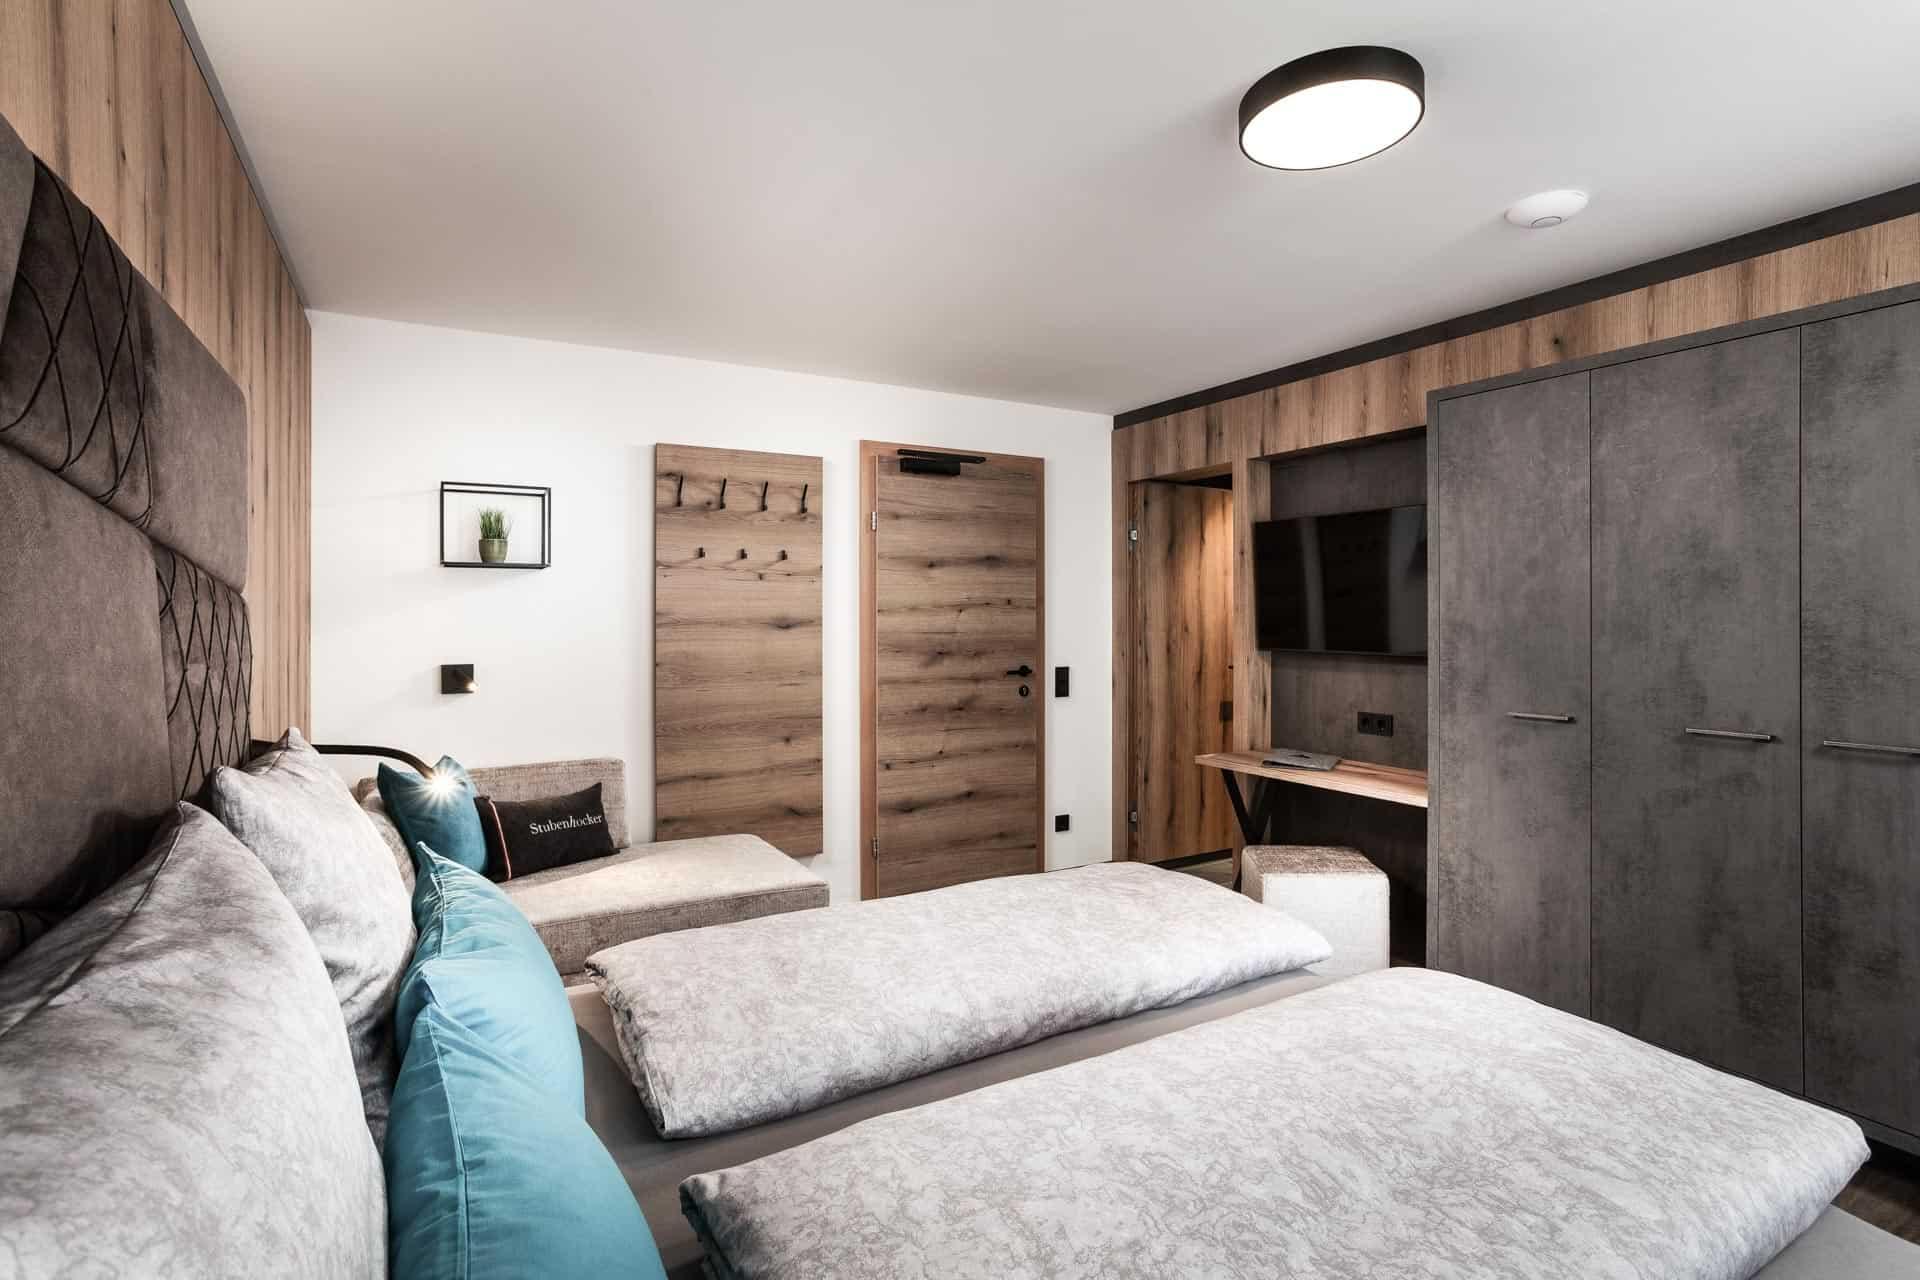 Niederseer-Apartments-072021-6